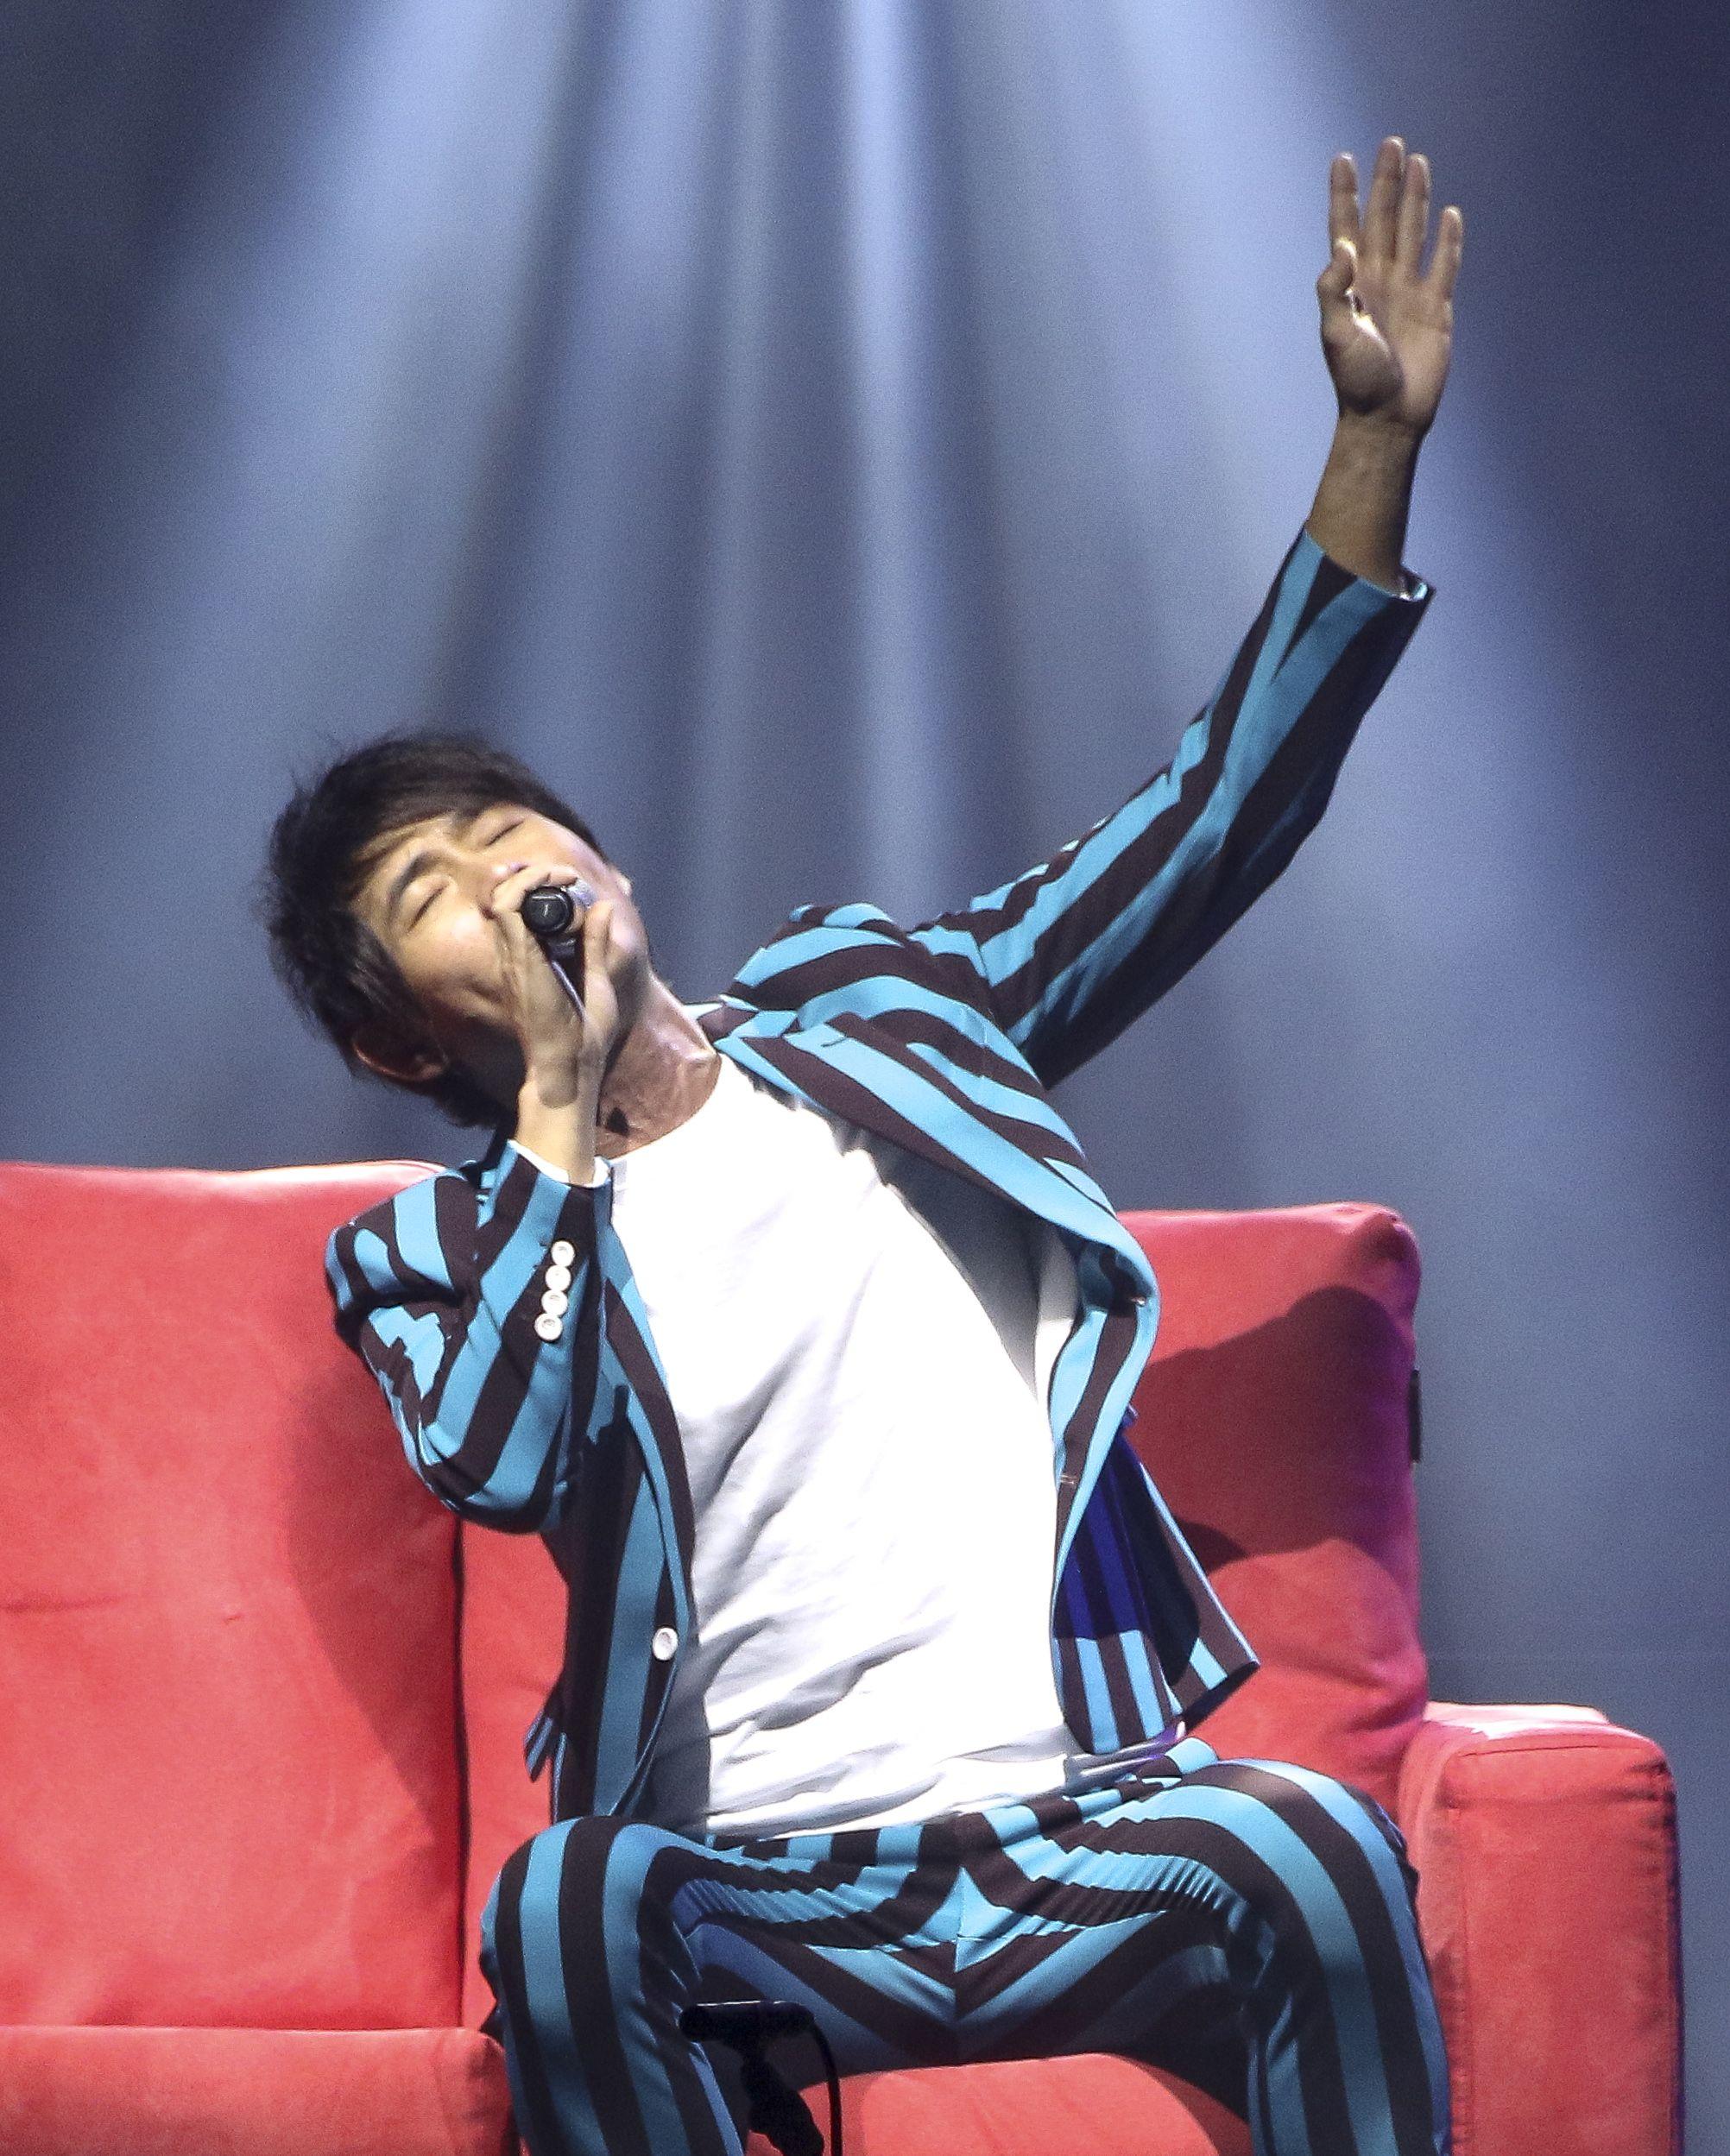 歌手黃品源舉辦「星火燎源巡迴演唱會」獻唱多首經典曲目,與金立海樂團。(記者林士傑/攝影)